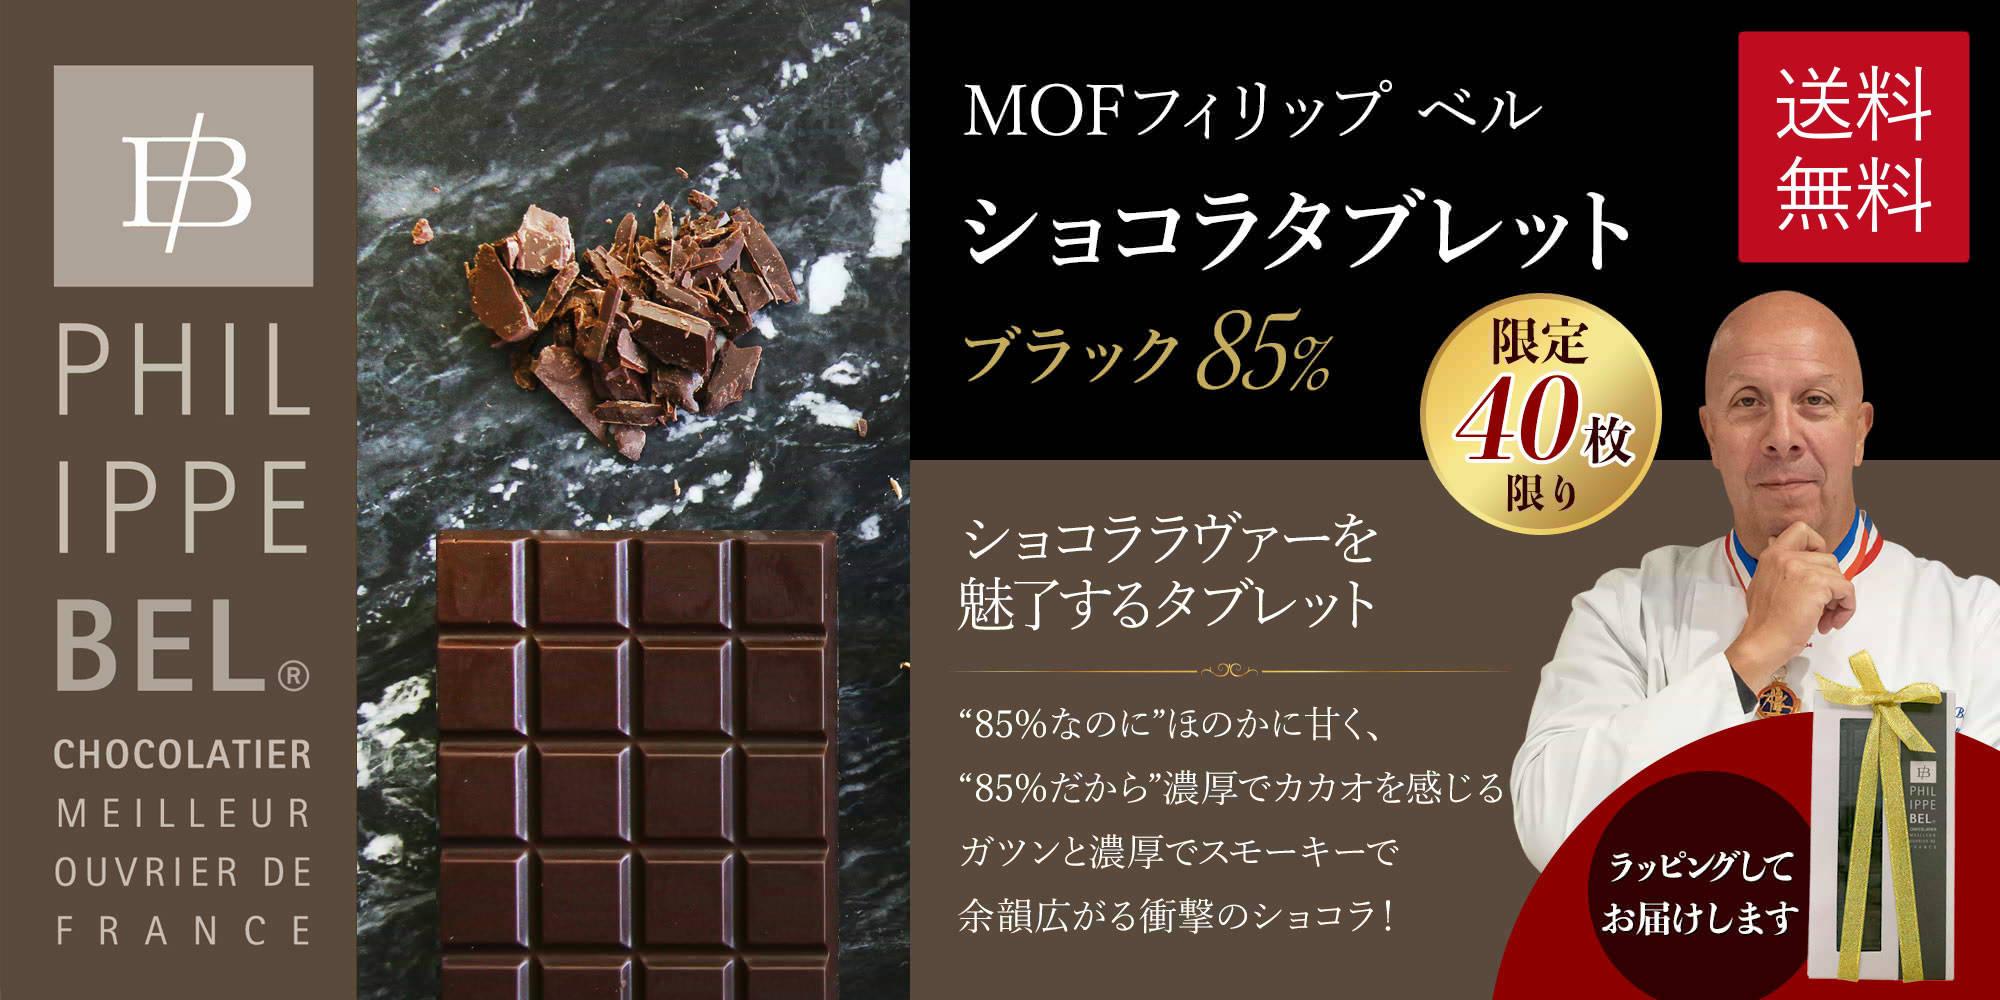 【MOFフィリップ ベル】ショコラタブレット ブラック 85%